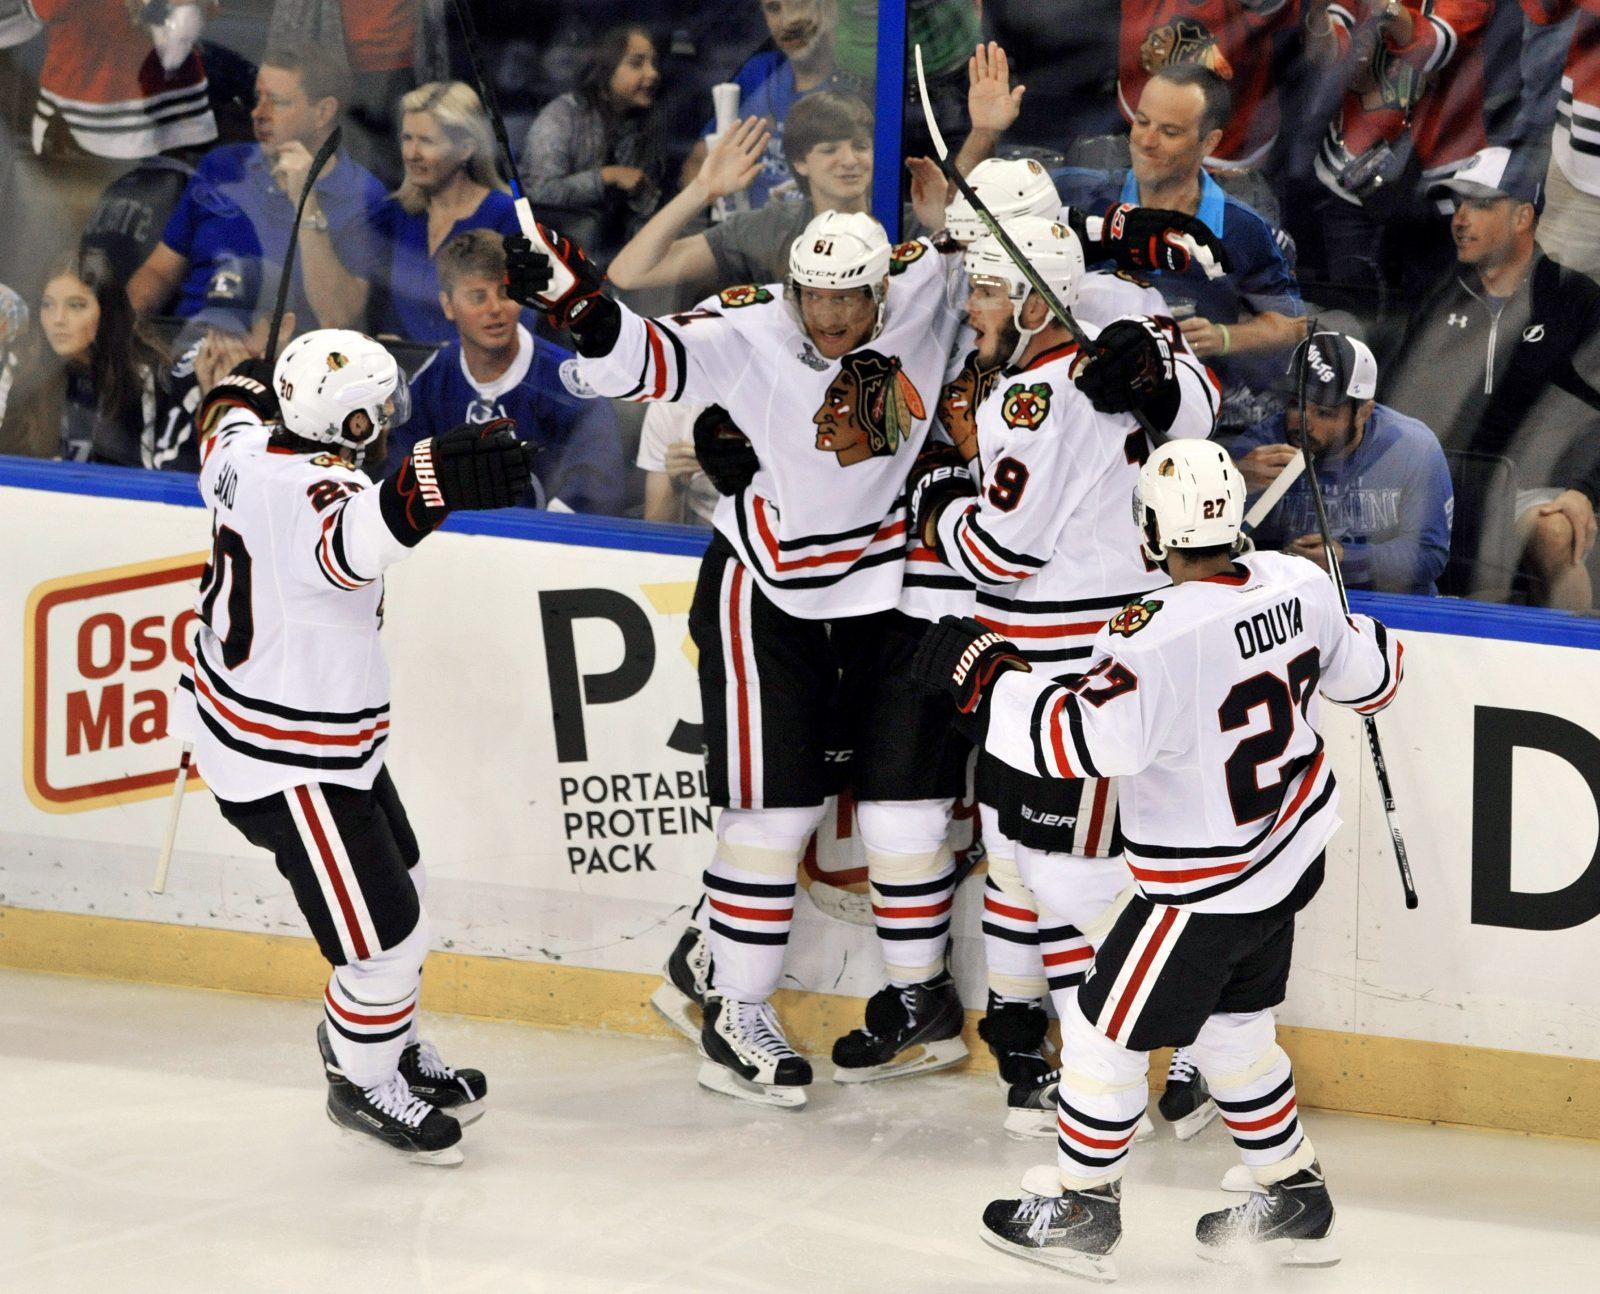 UNIK INBLICK: Så jobbar klubbarna inför NHL-draften